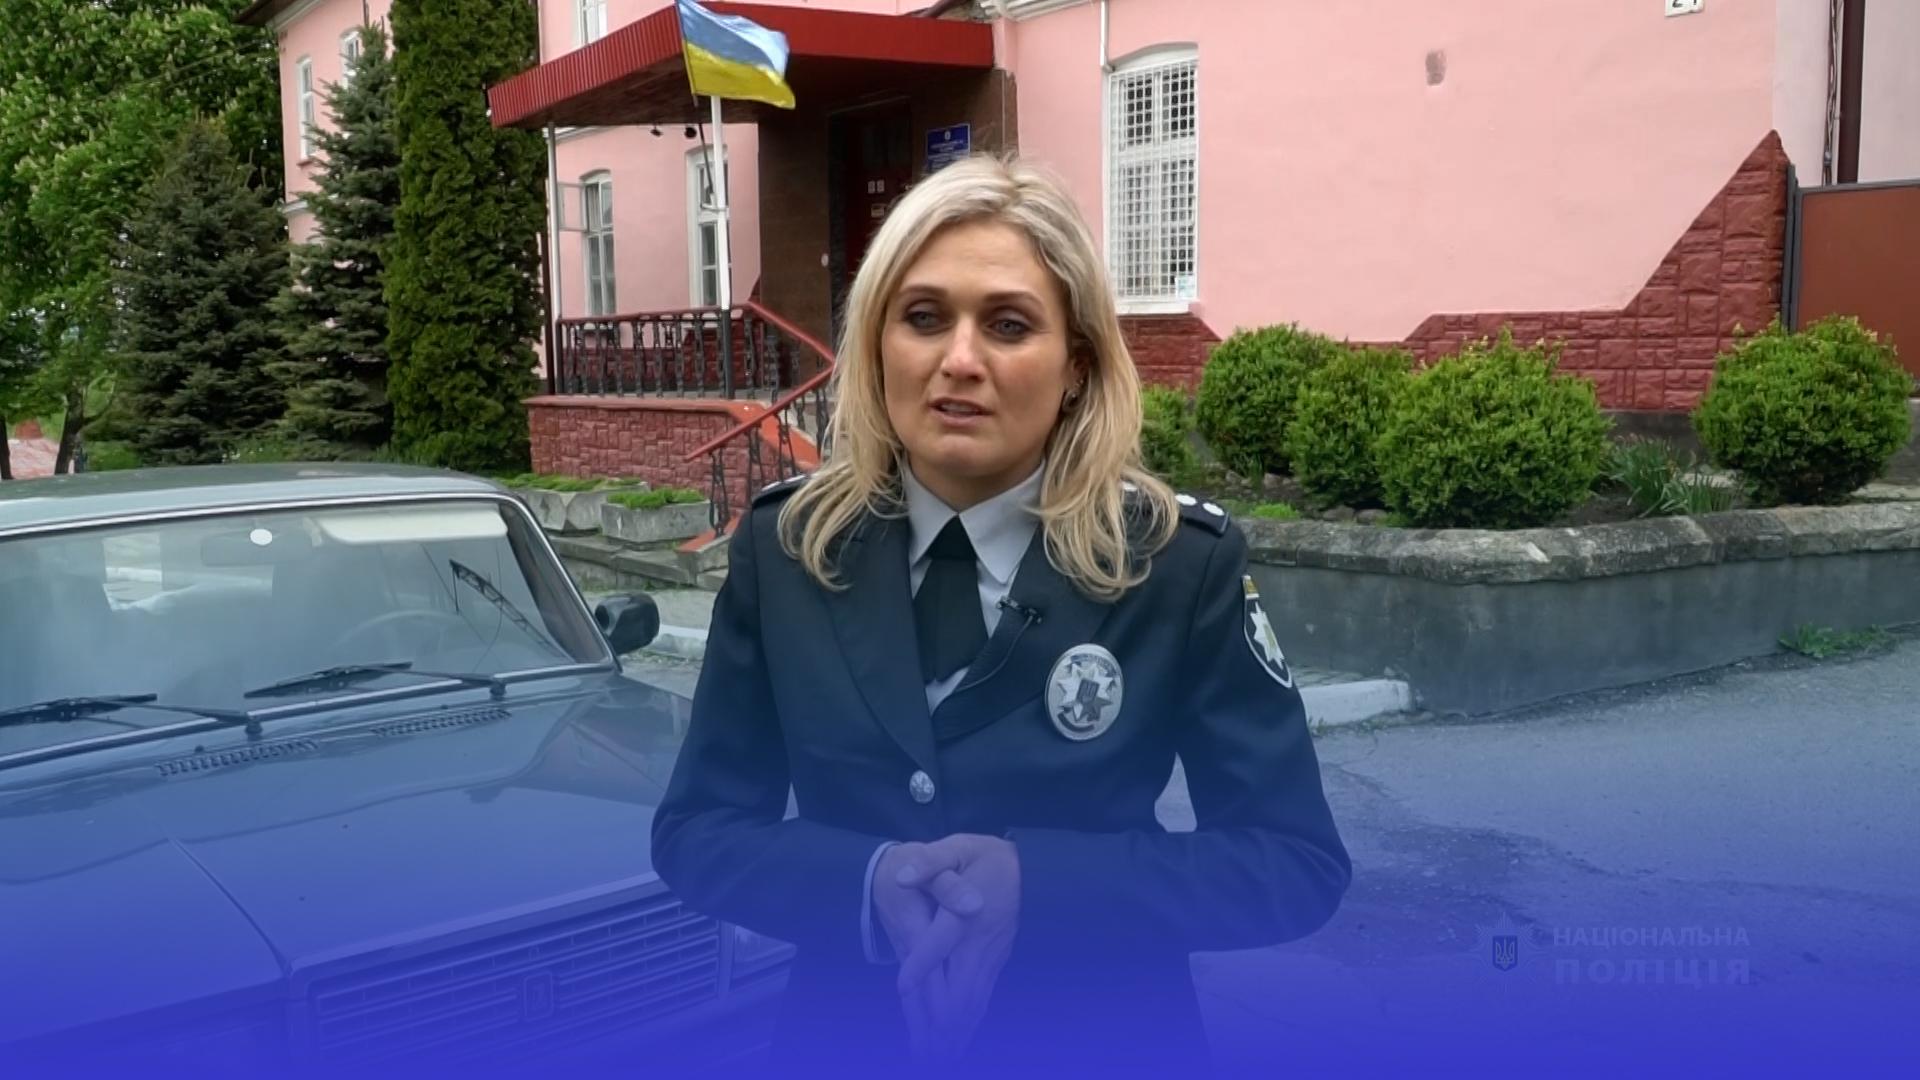 Тендітна і сильна: дільнична офіцерка зі Збаражчини розповіла про вибір професії